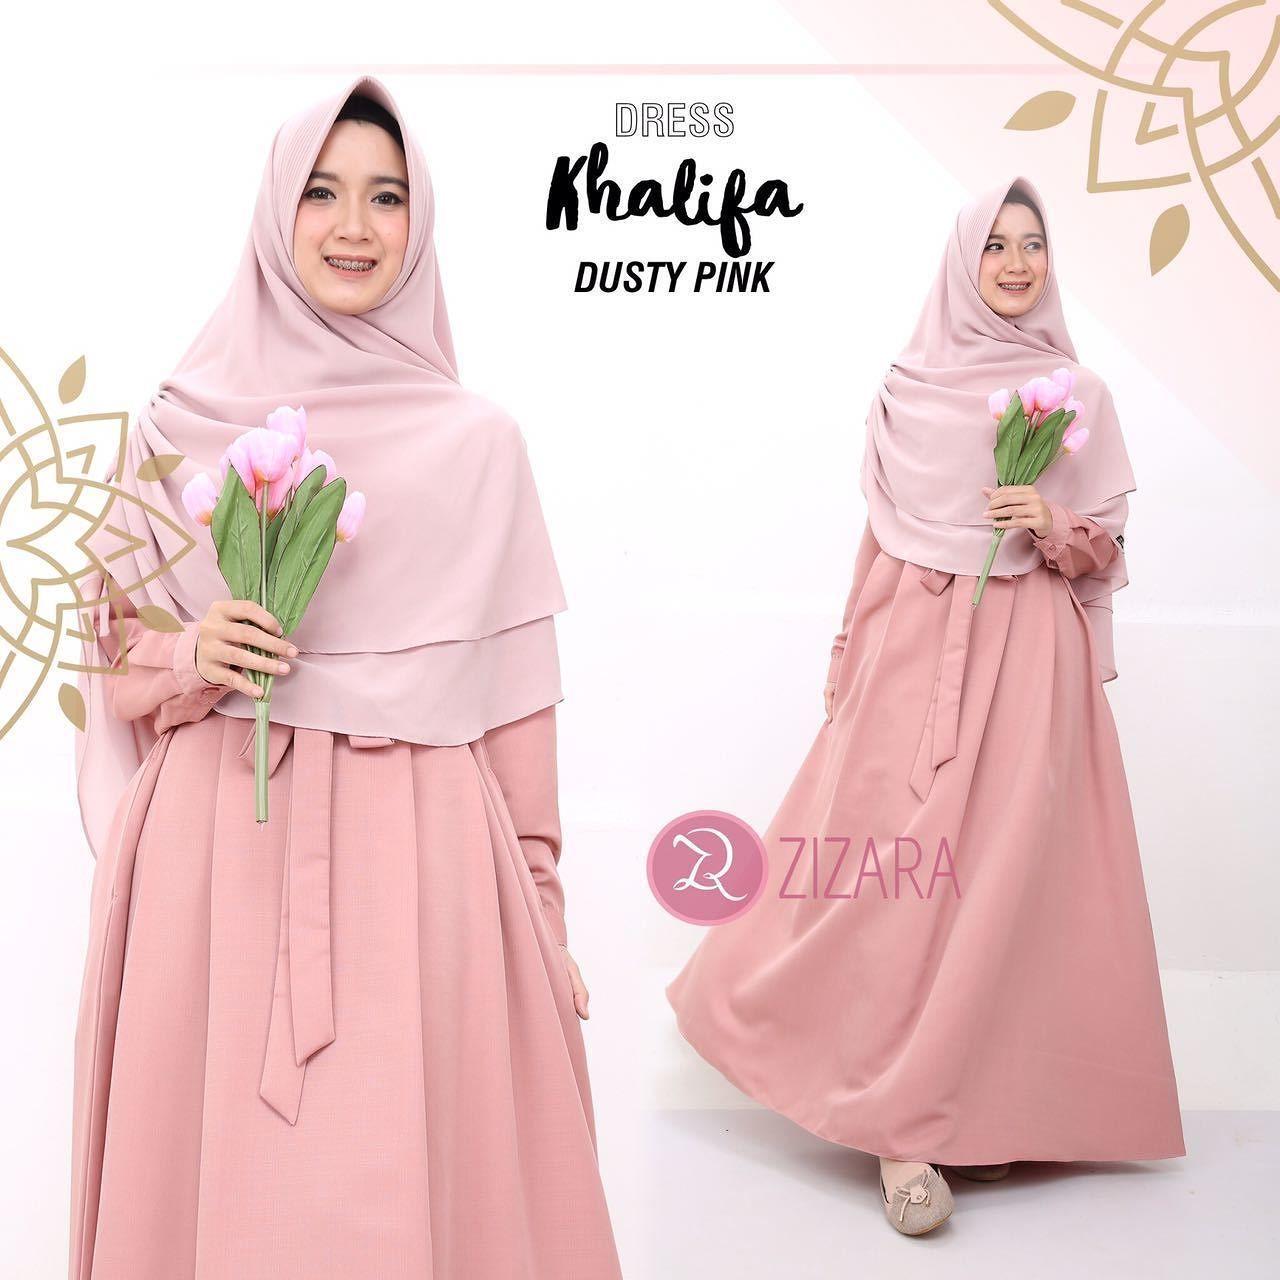 Gamis Zizara Khalifa Dress Dusty Pink - baju muslimah busana muslim Kini  hadir untukmu yang cantik 88deb303f6